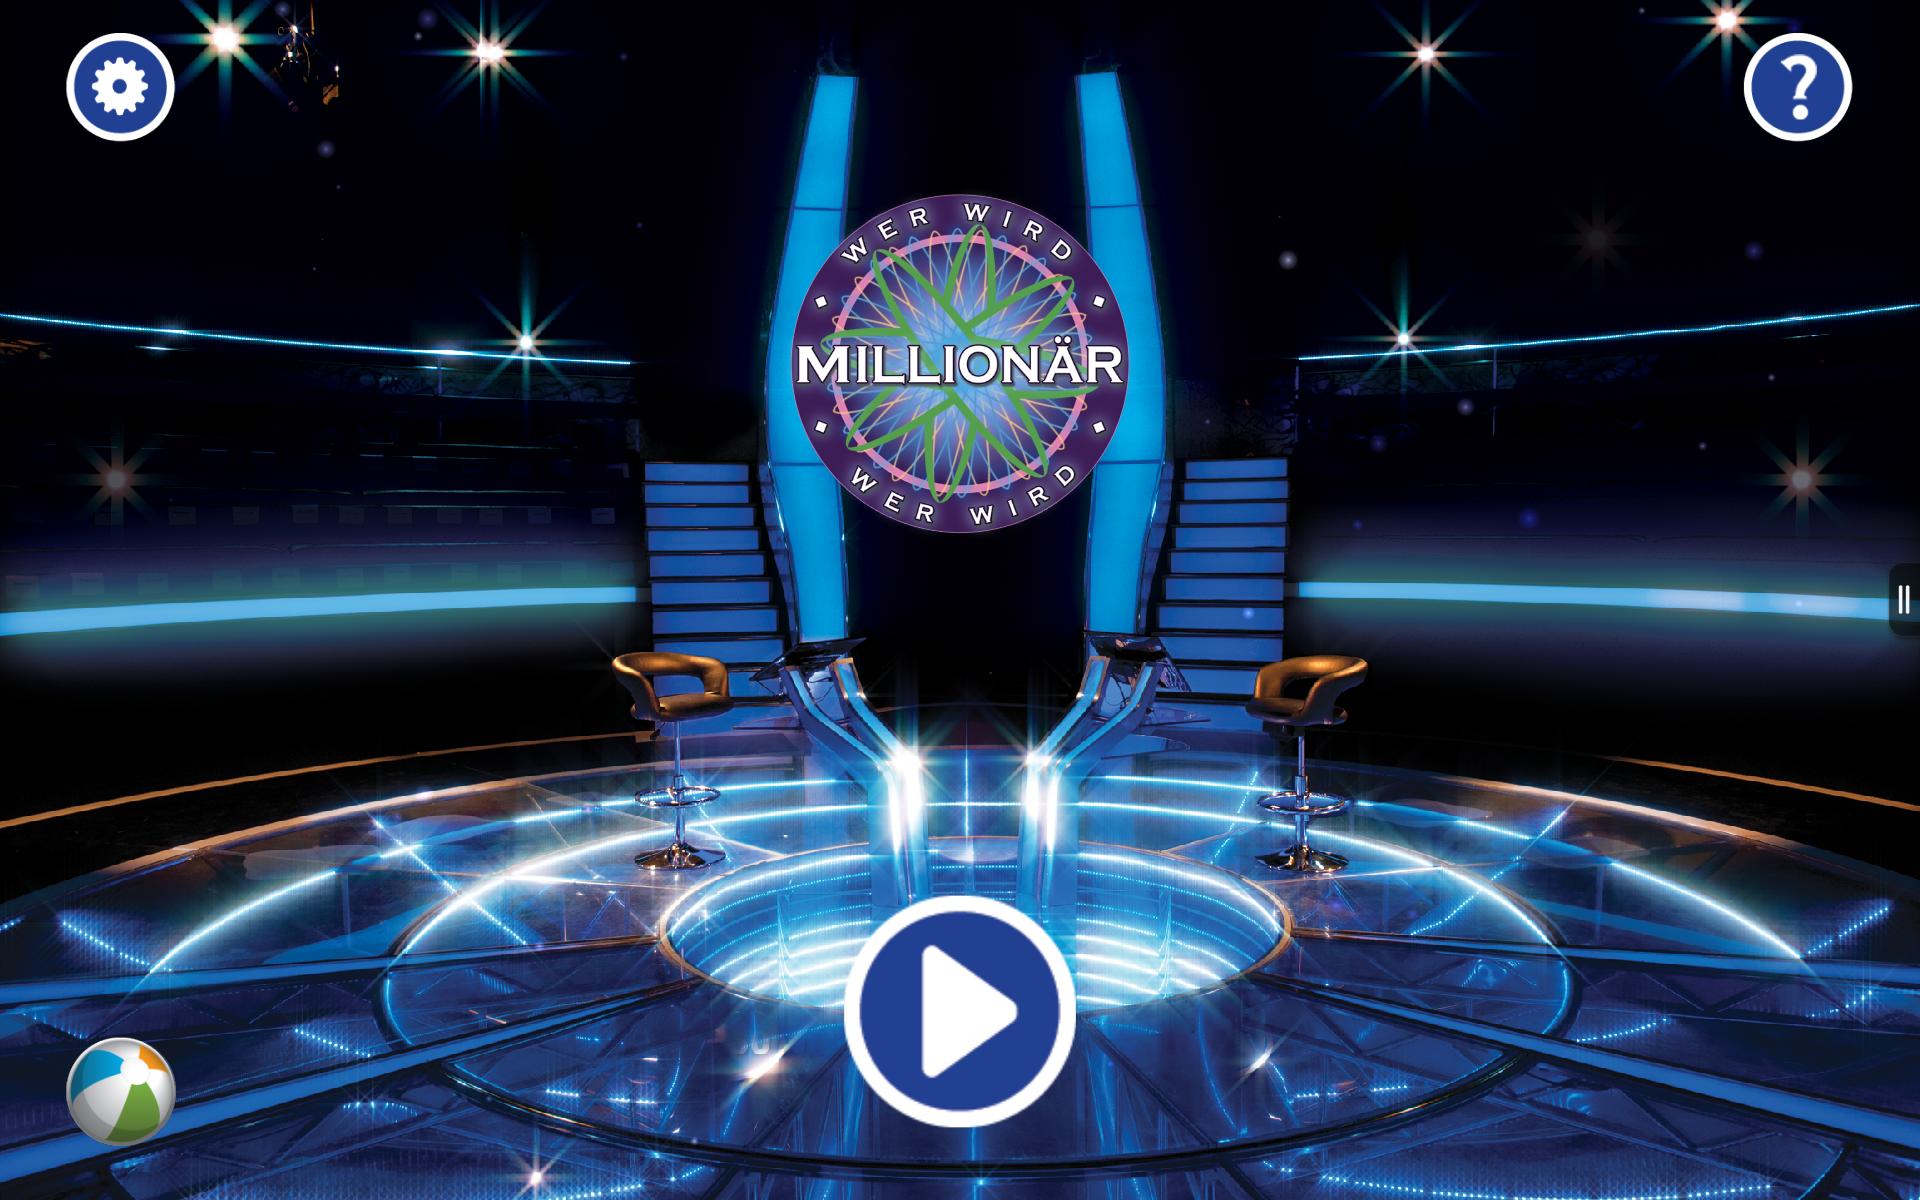 Wer Wird Millionär? 2014: Amazon.es: Appstore para Android